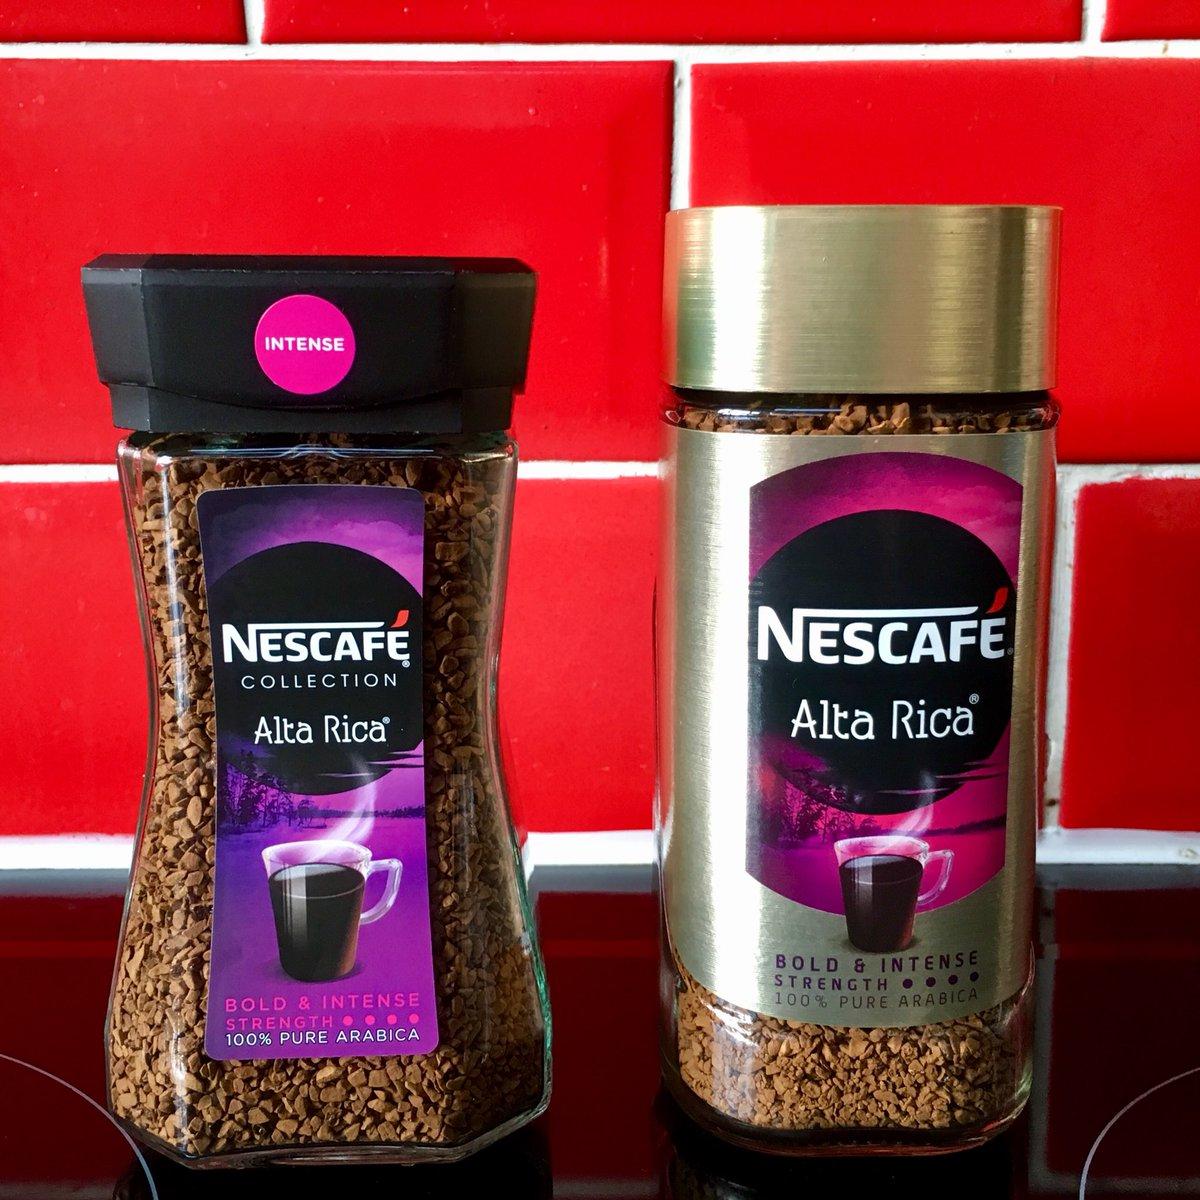 Mac On Twitter New At Nescafe Alta Rica Jar Looks Like A